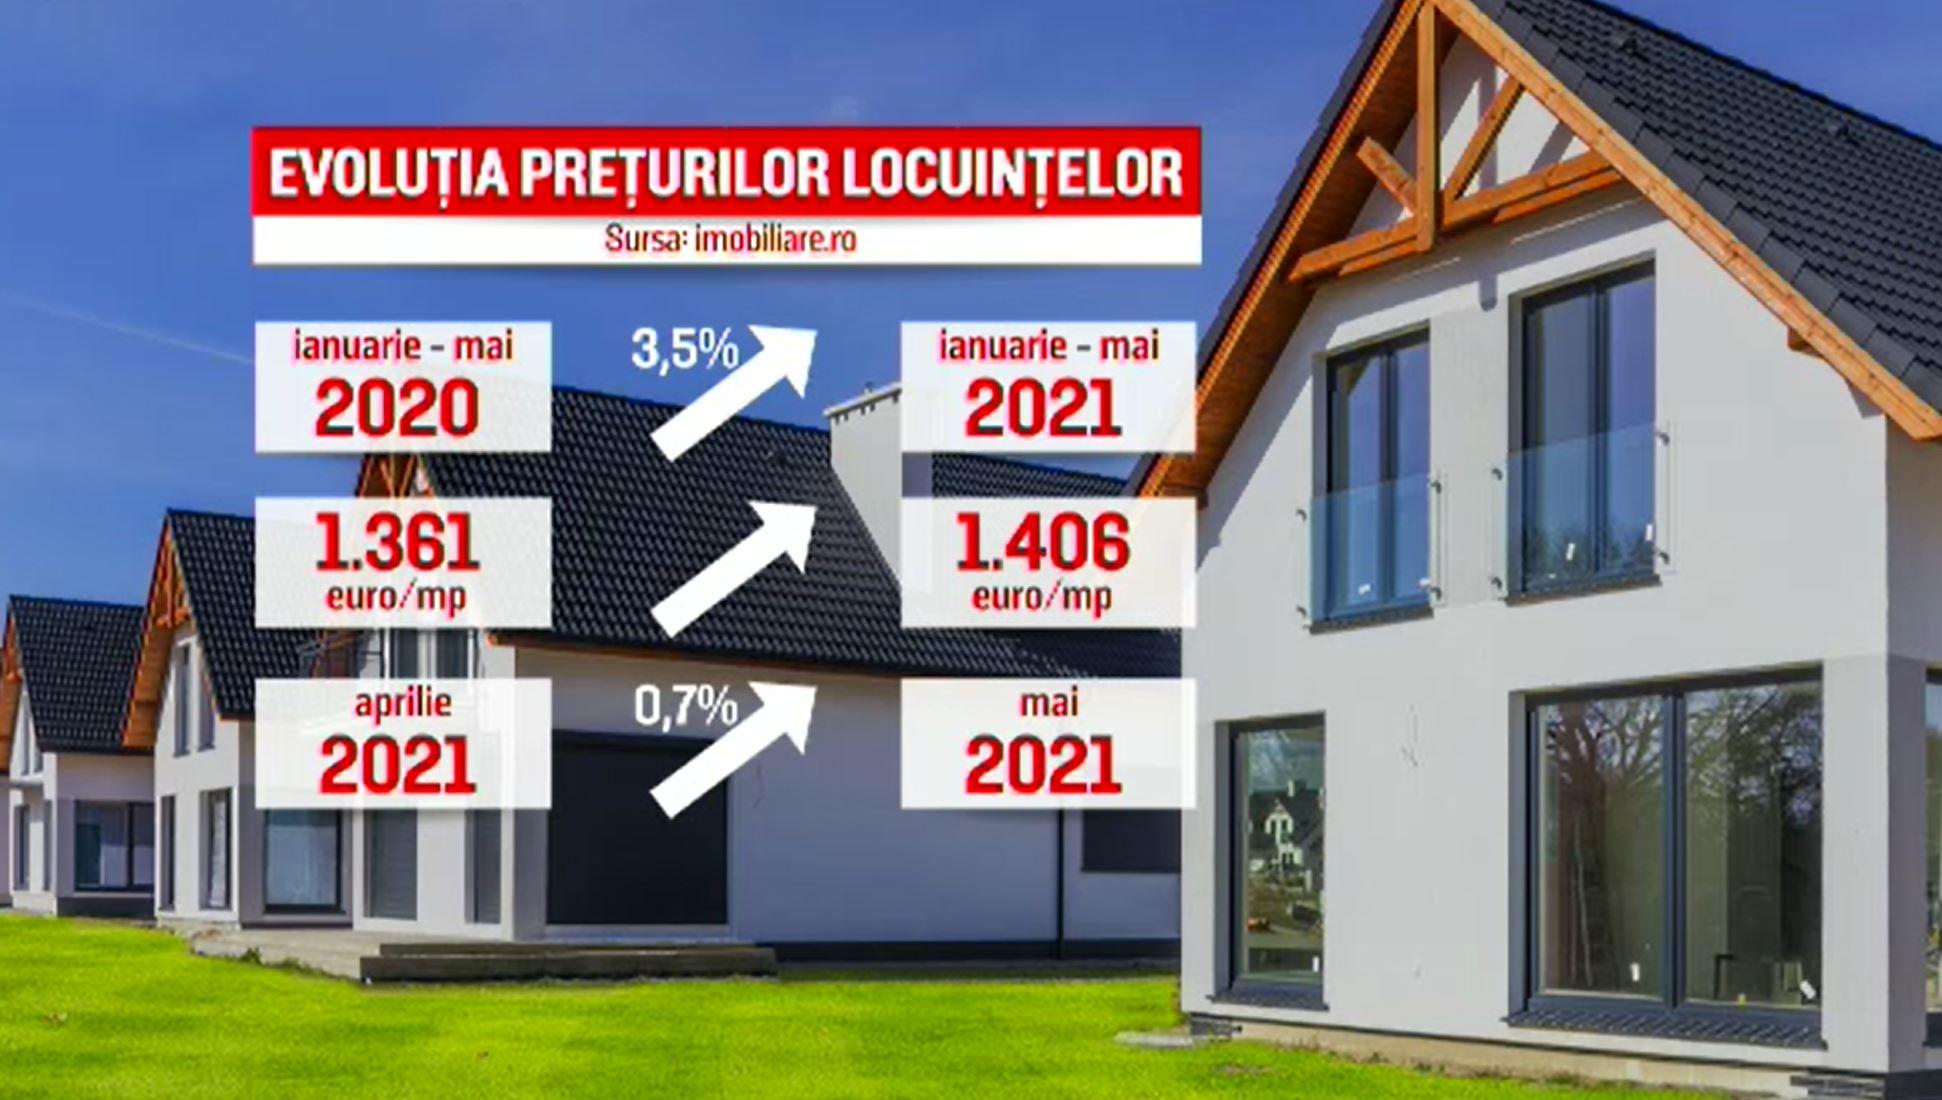 Creditele pentru locuințe, la mare căutare. Avertismentul analiștilor pentru cei care vor să facă un împrumut